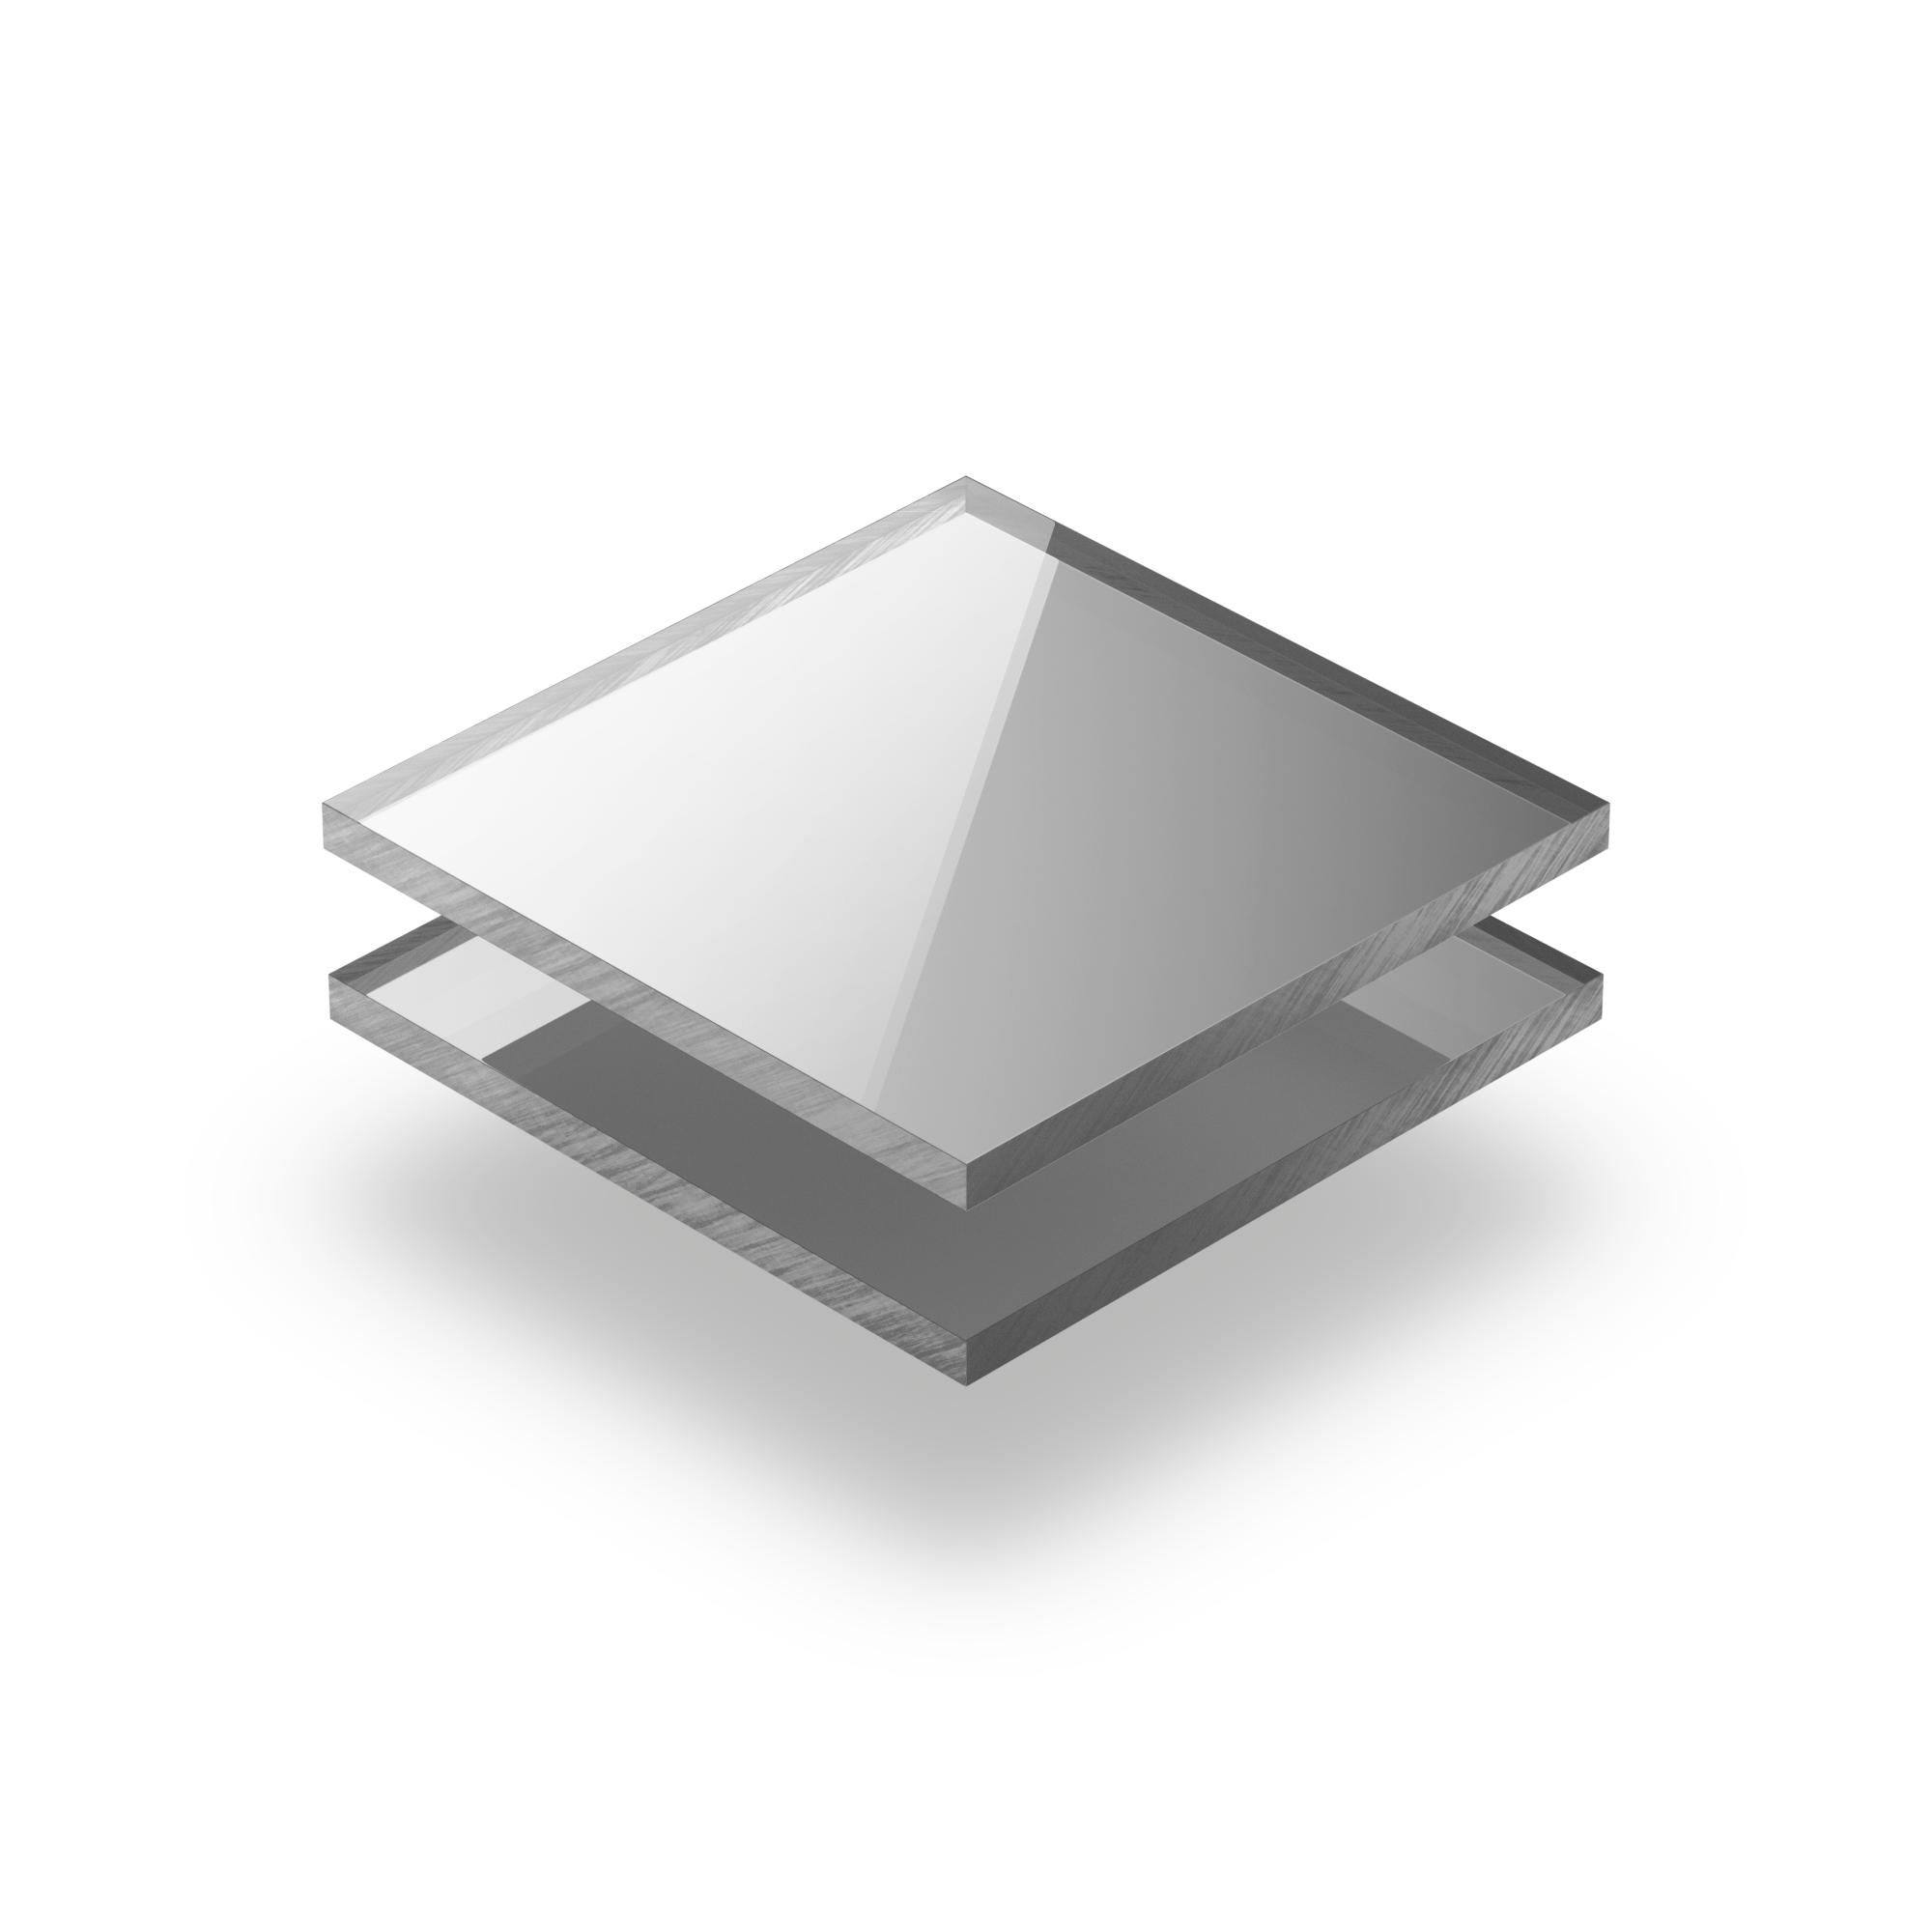 Zilver spiegel plexiglas 5 mm gratis op maat levering for Spiegel 5 2018